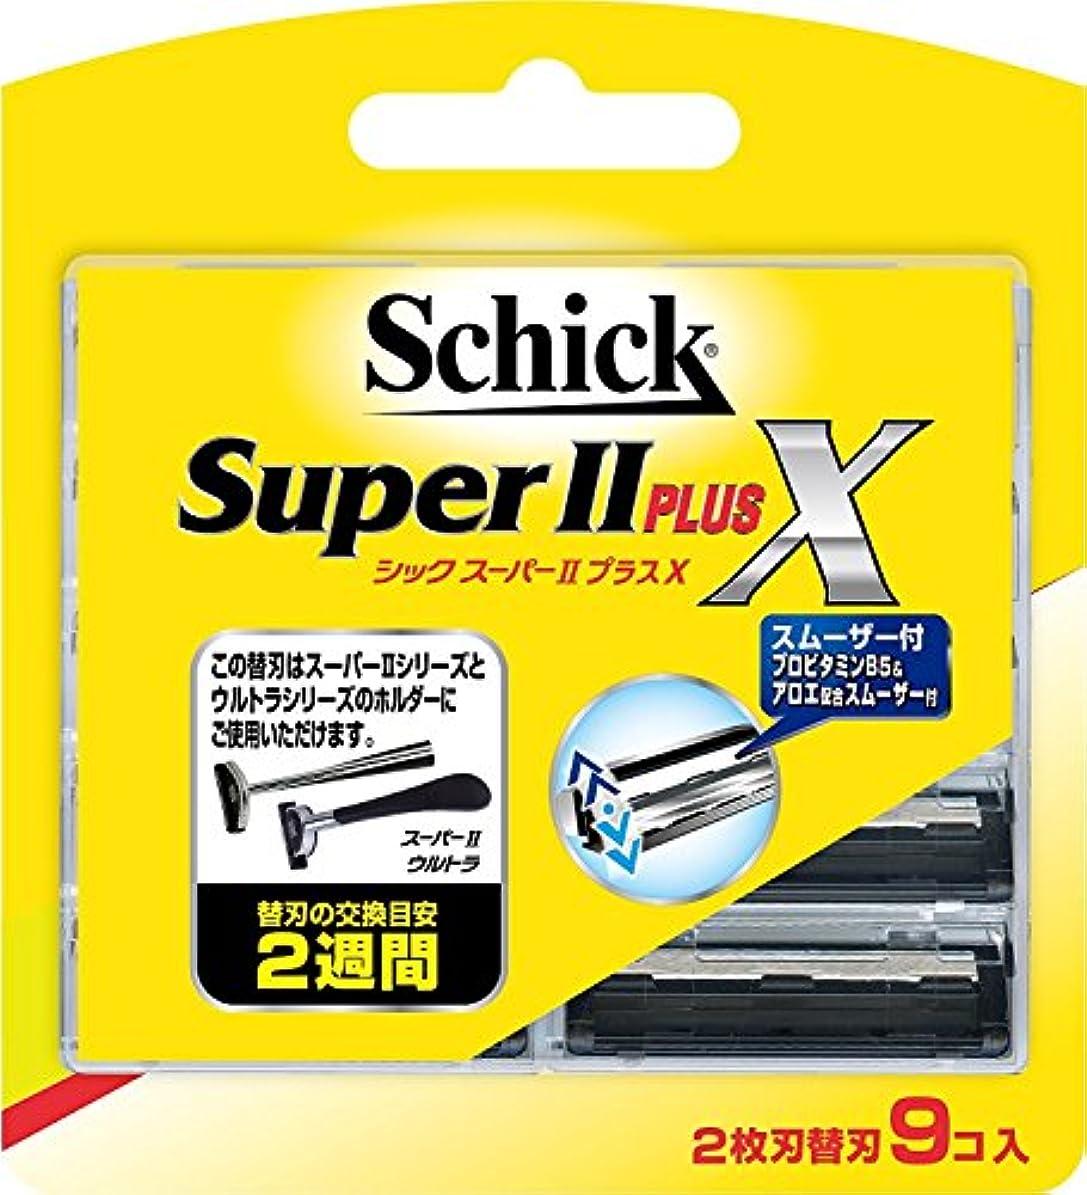 キノコ威信脅威シック Schick スーパーIIプラスX 2枚刃 替刃 (9コ入) ×12個